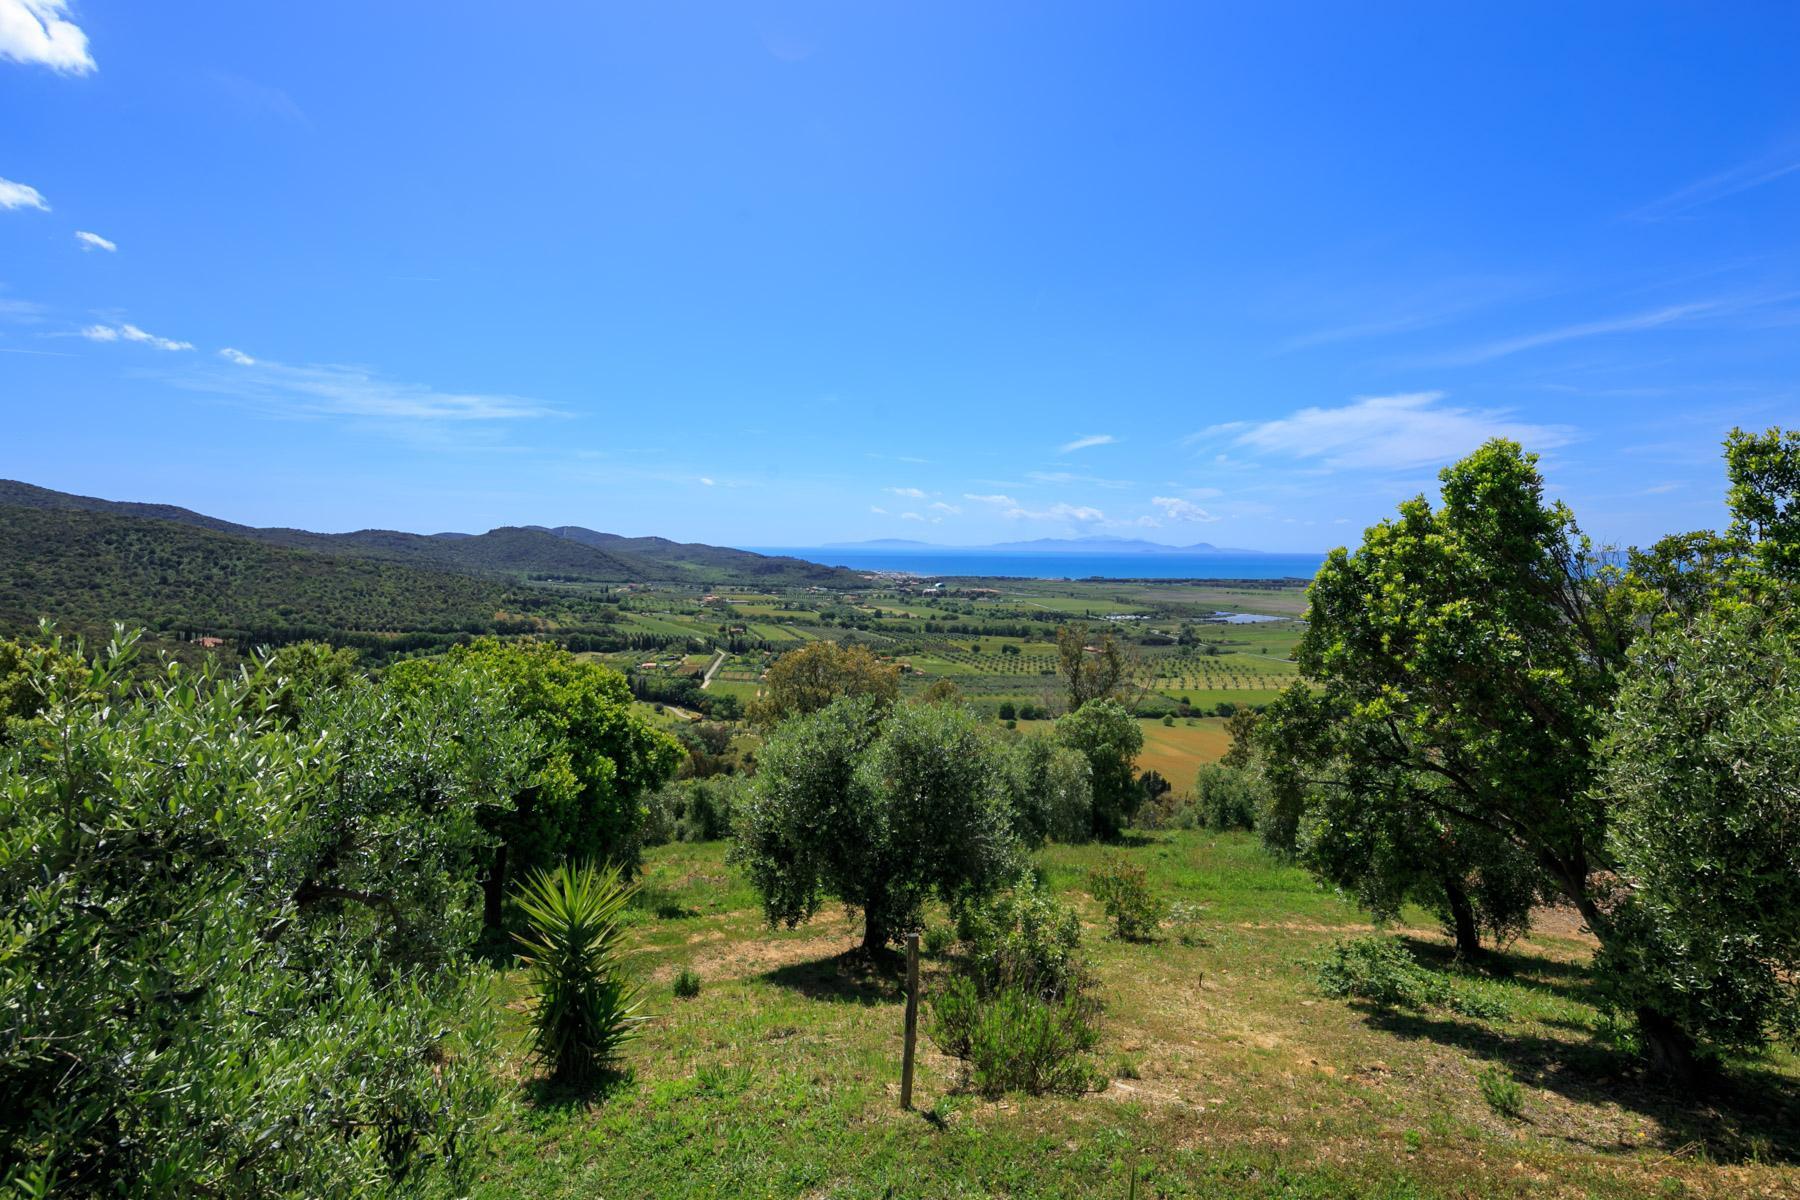 Villa et domaine avec piscine surplombant le Golfe de Scarlino - 22